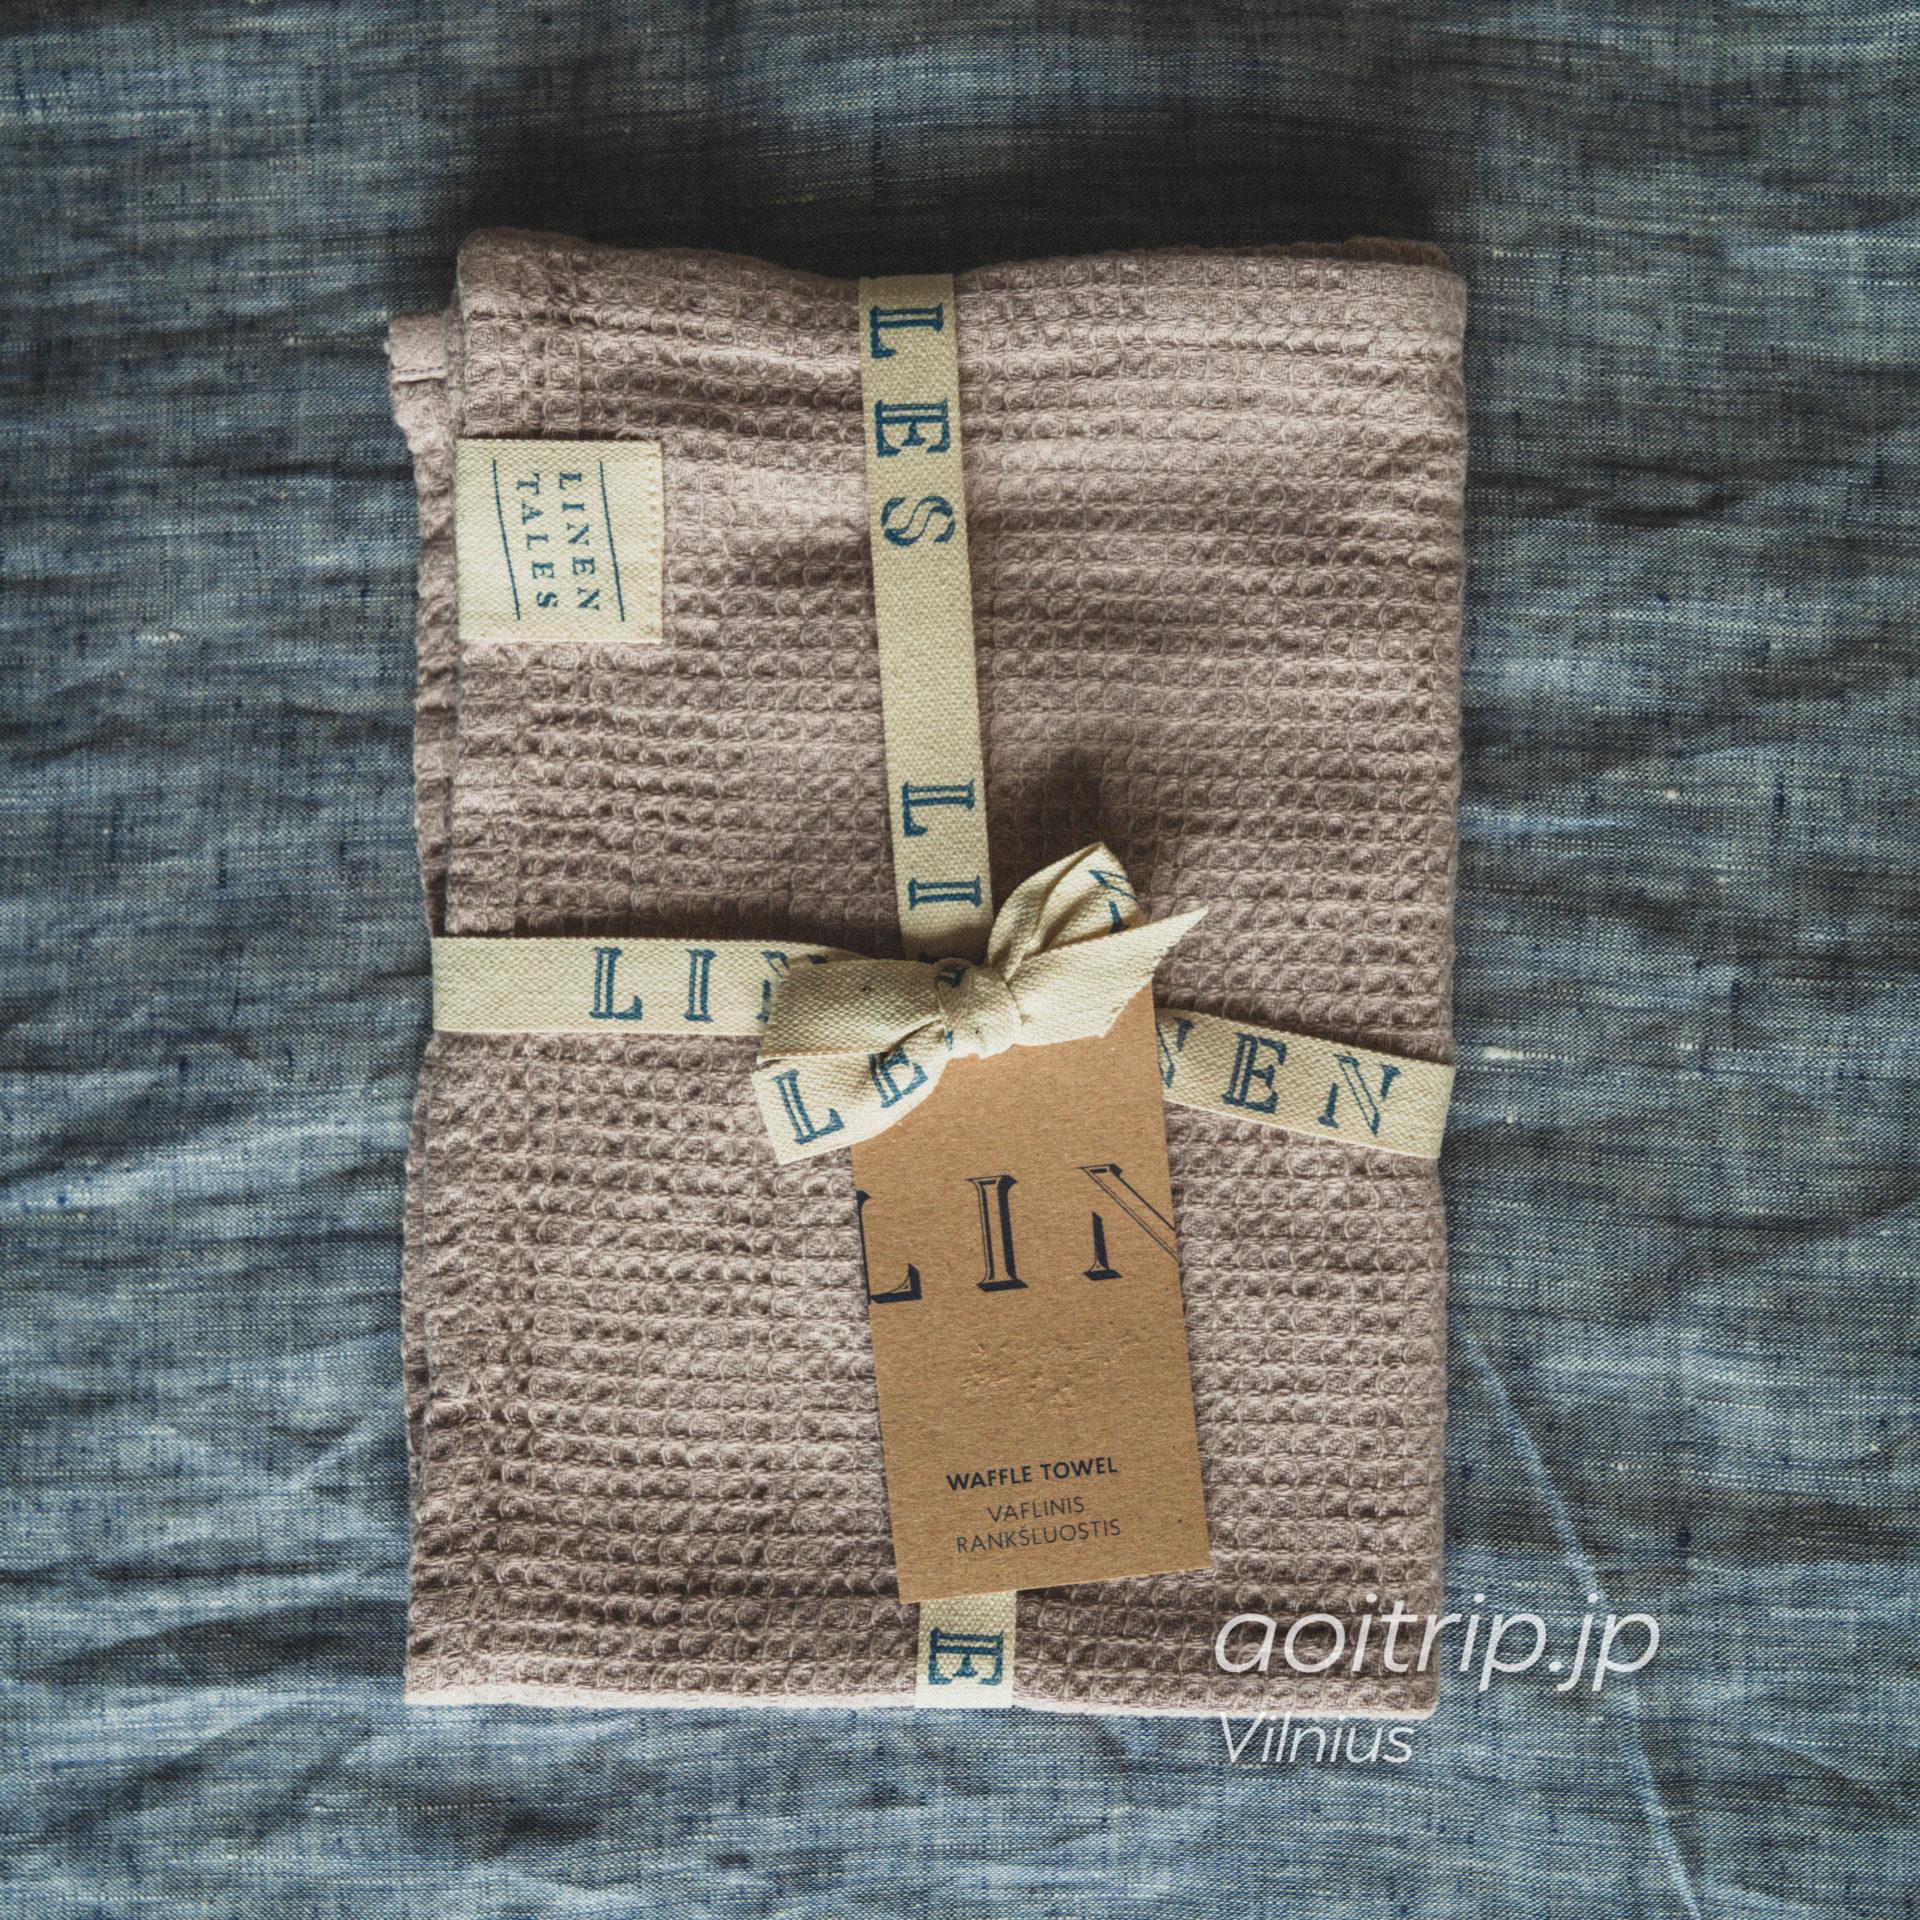 リトアニア ヴィリニュスのリネンテイルズ(Linen Tales) 100%リネンのスカーフ